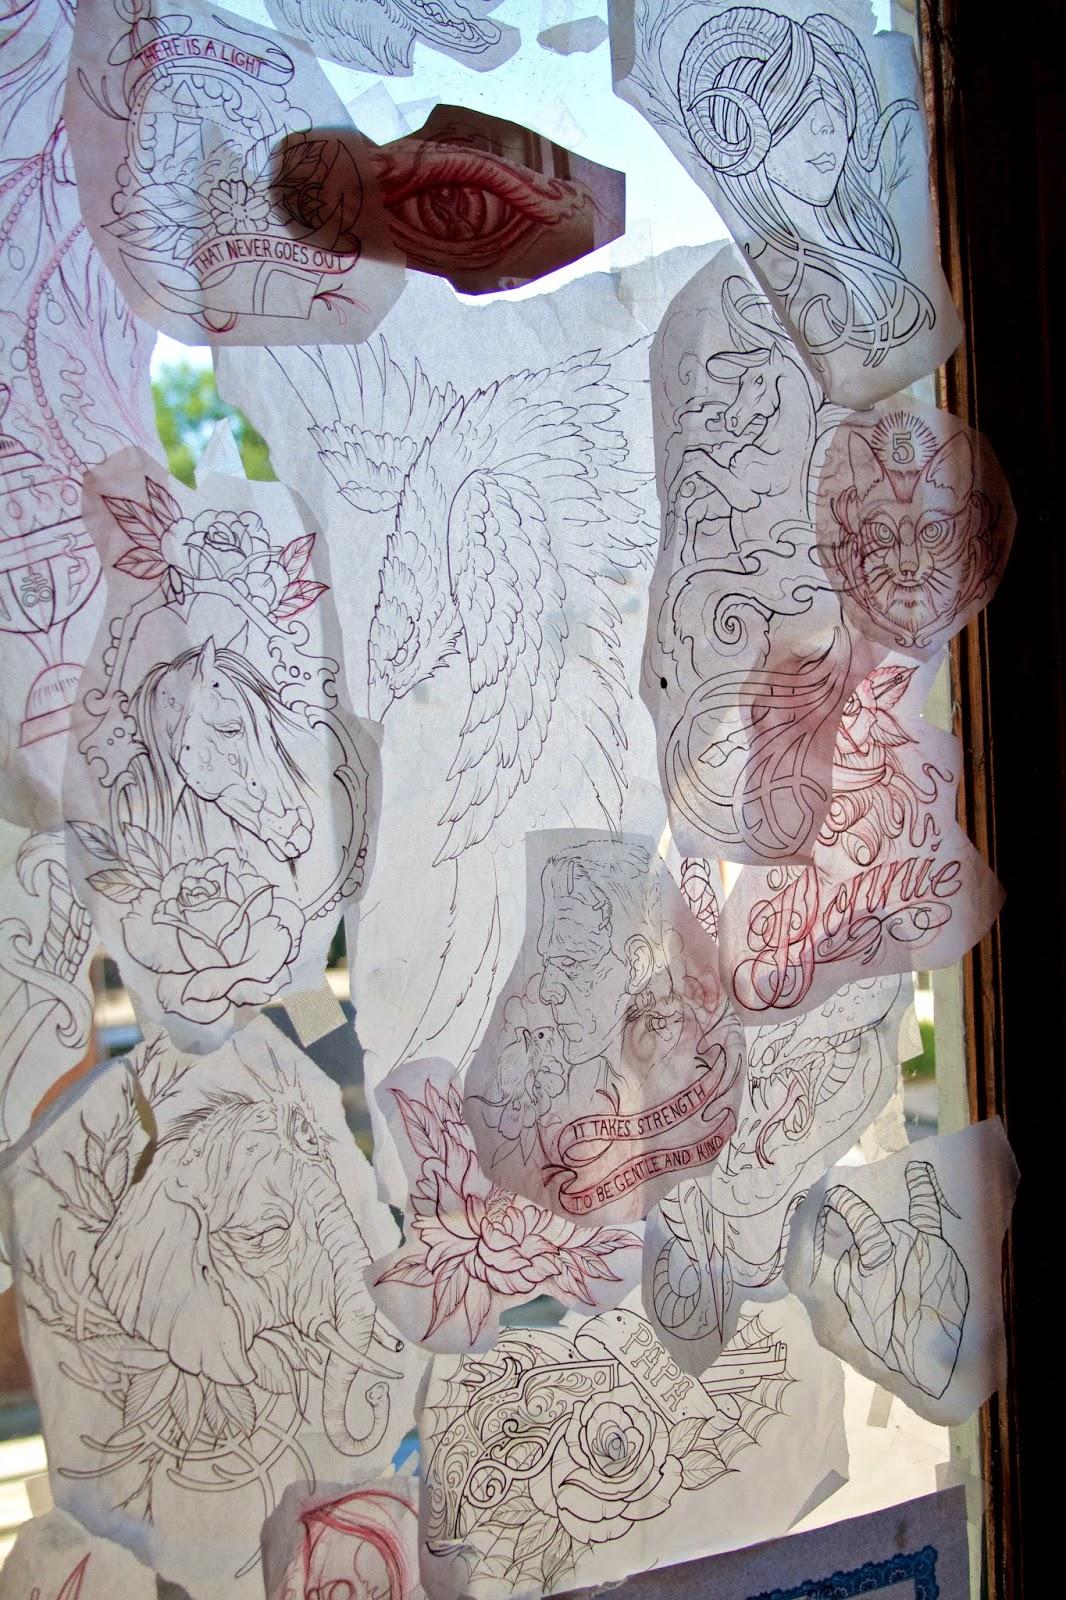 Speakeasy Custom Tattoo, Chicago. Photos by Tammy Sue Allen Photography.